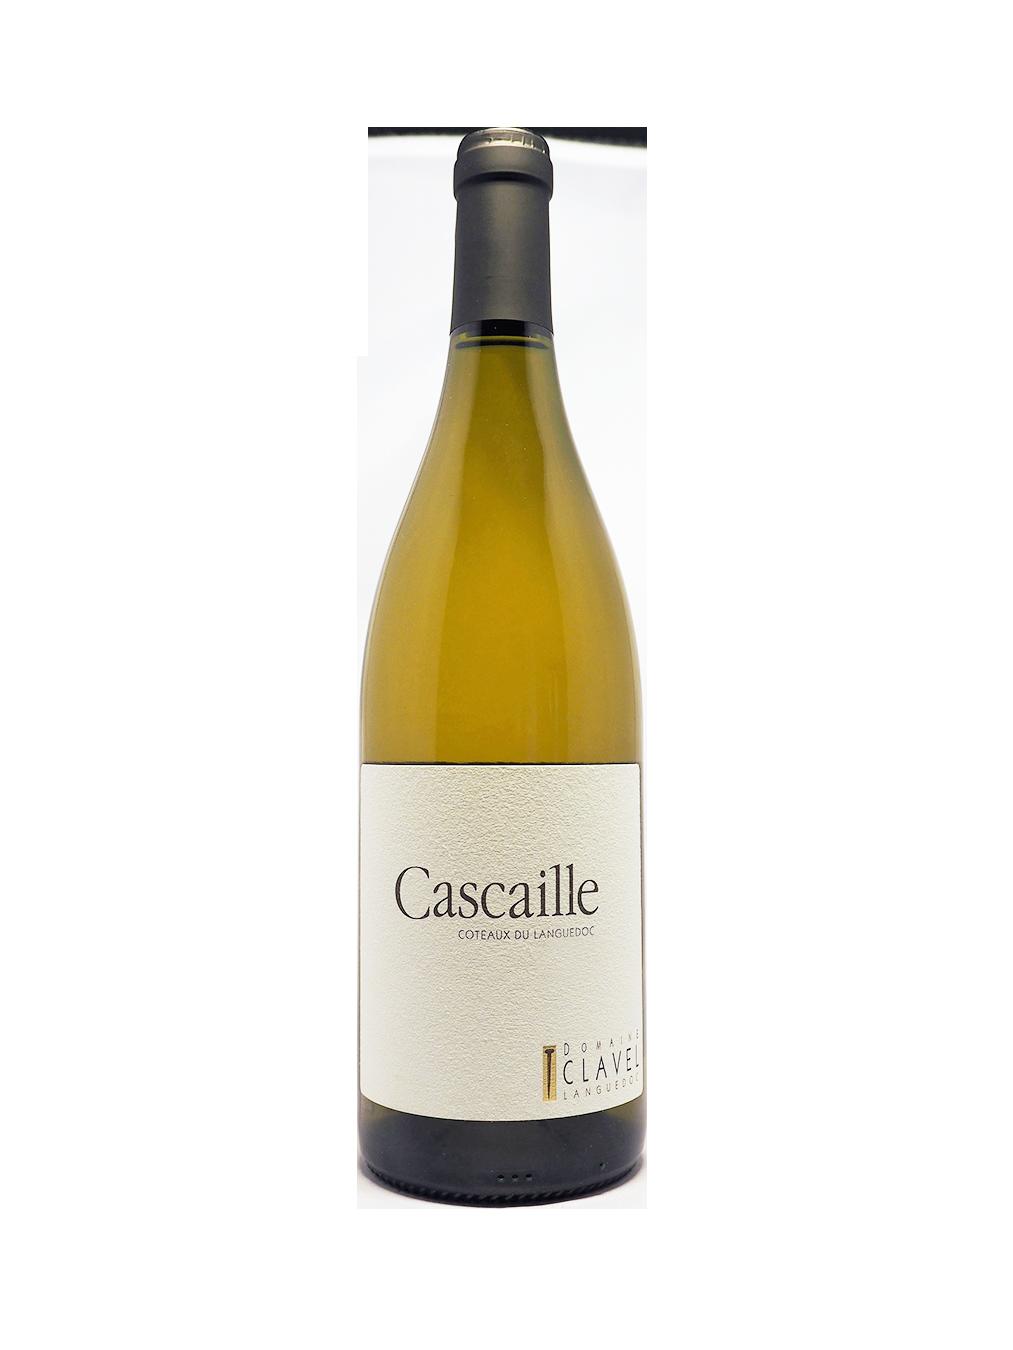 Cascaille 2019